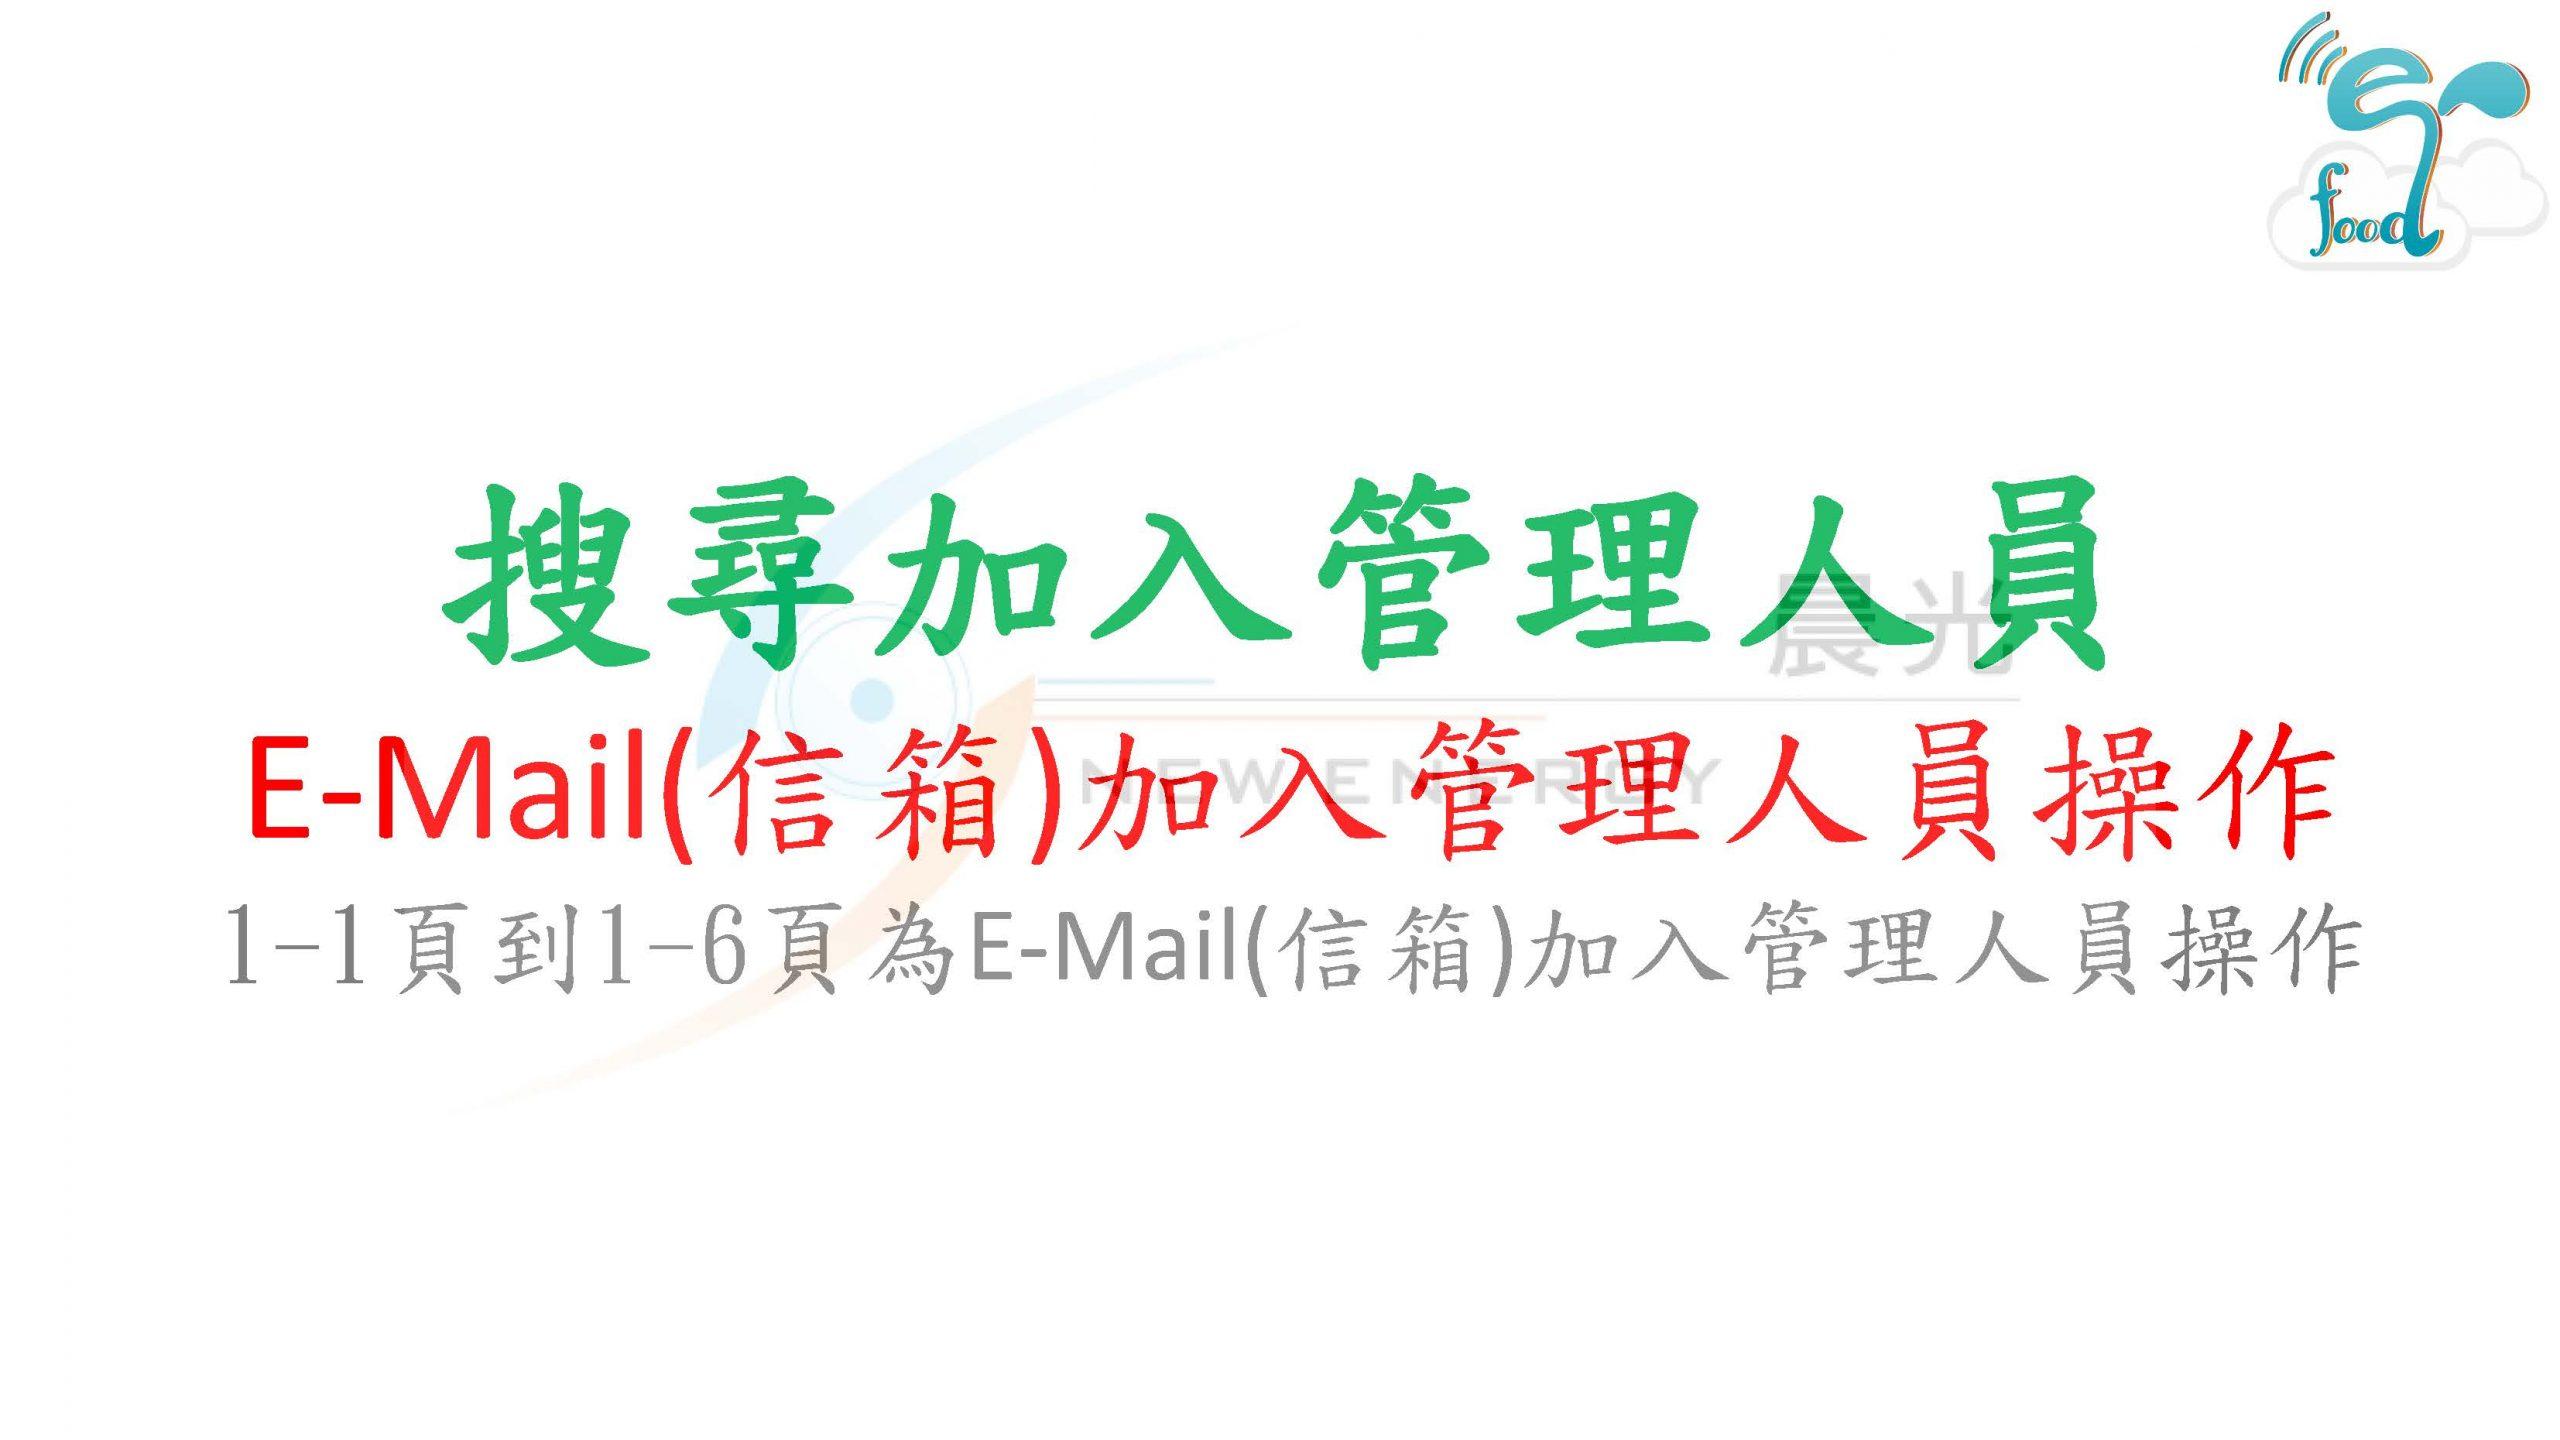 真食呈現,組織管理,管理成員,管理人員,搜尋加入管理人員,E-Mail(信箱)